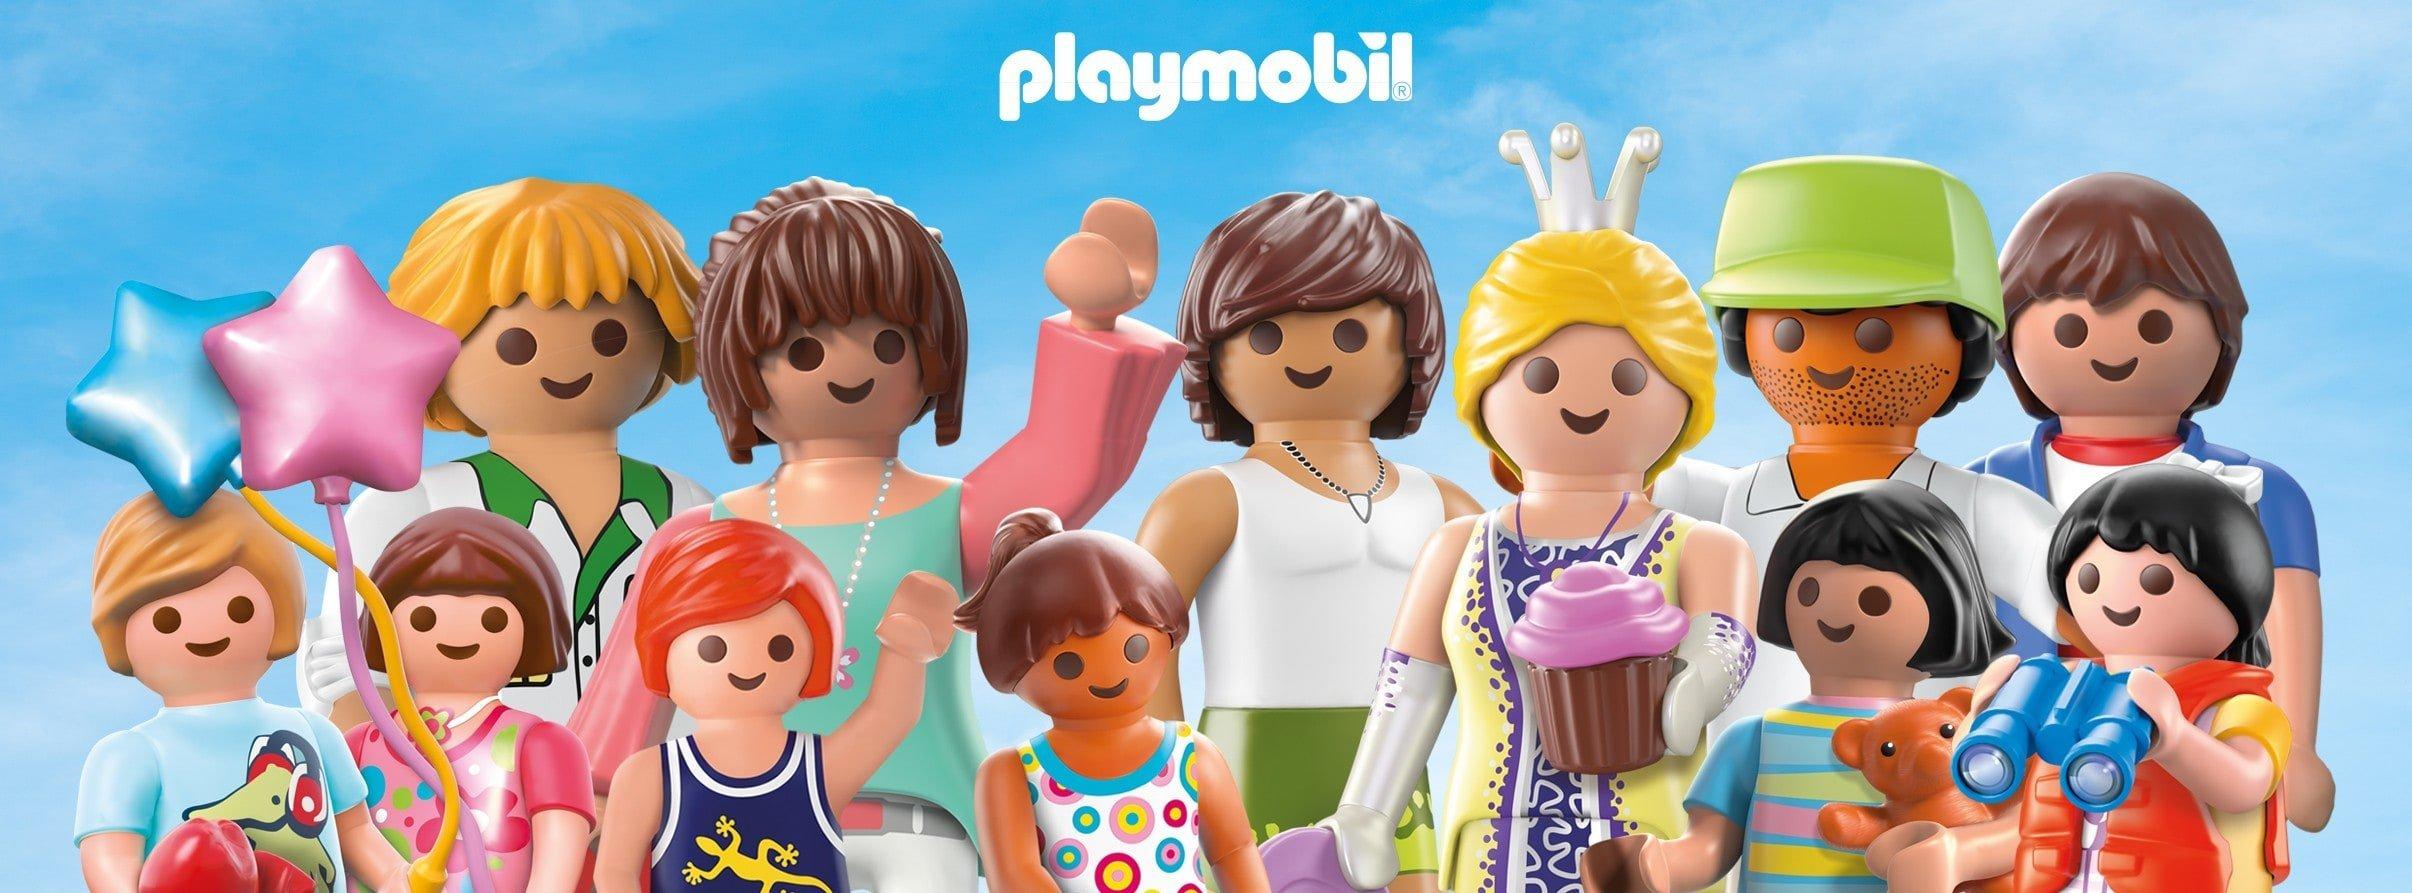 playmobil-egypt